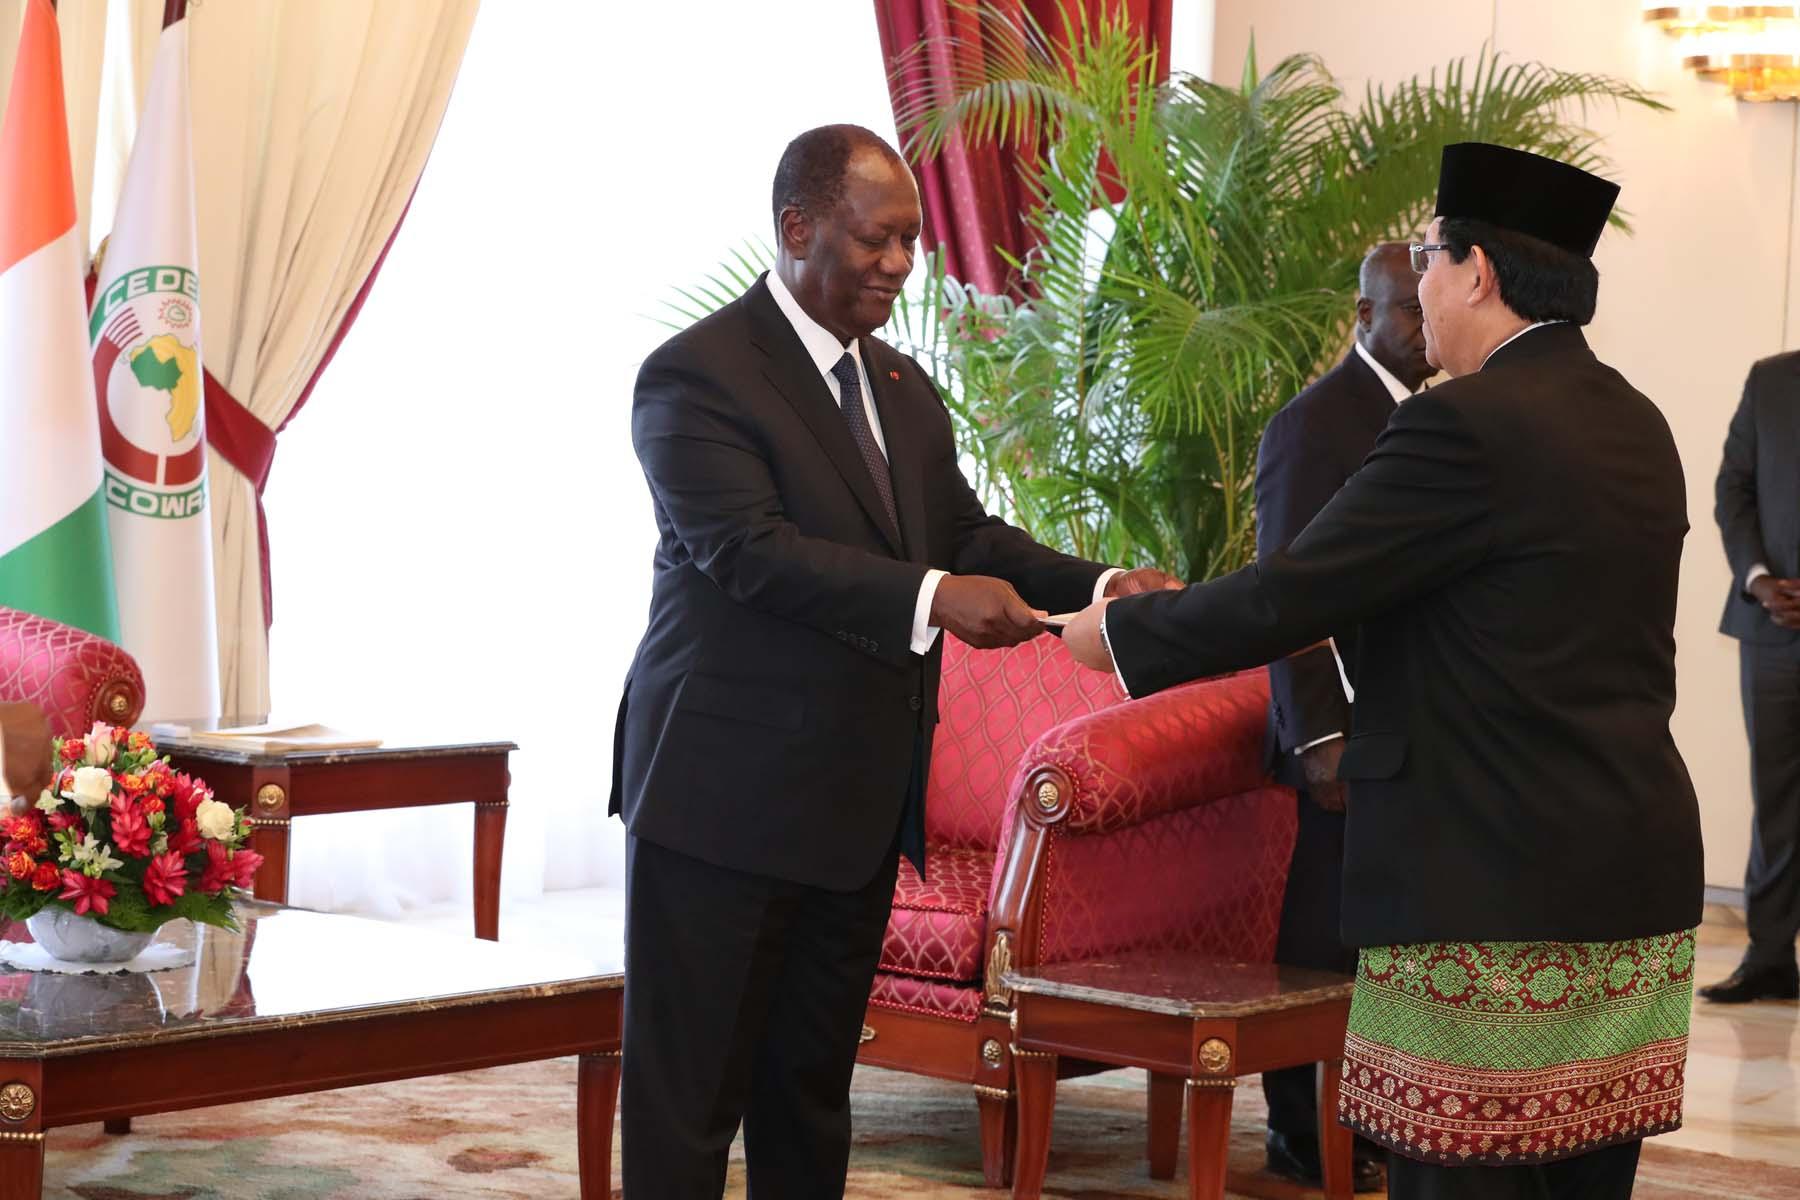 Le Chef de l'Etat a reçu les lettres de créance de cinq nouveaux Ambassadeurs accrédités en Côte d'Ivoire